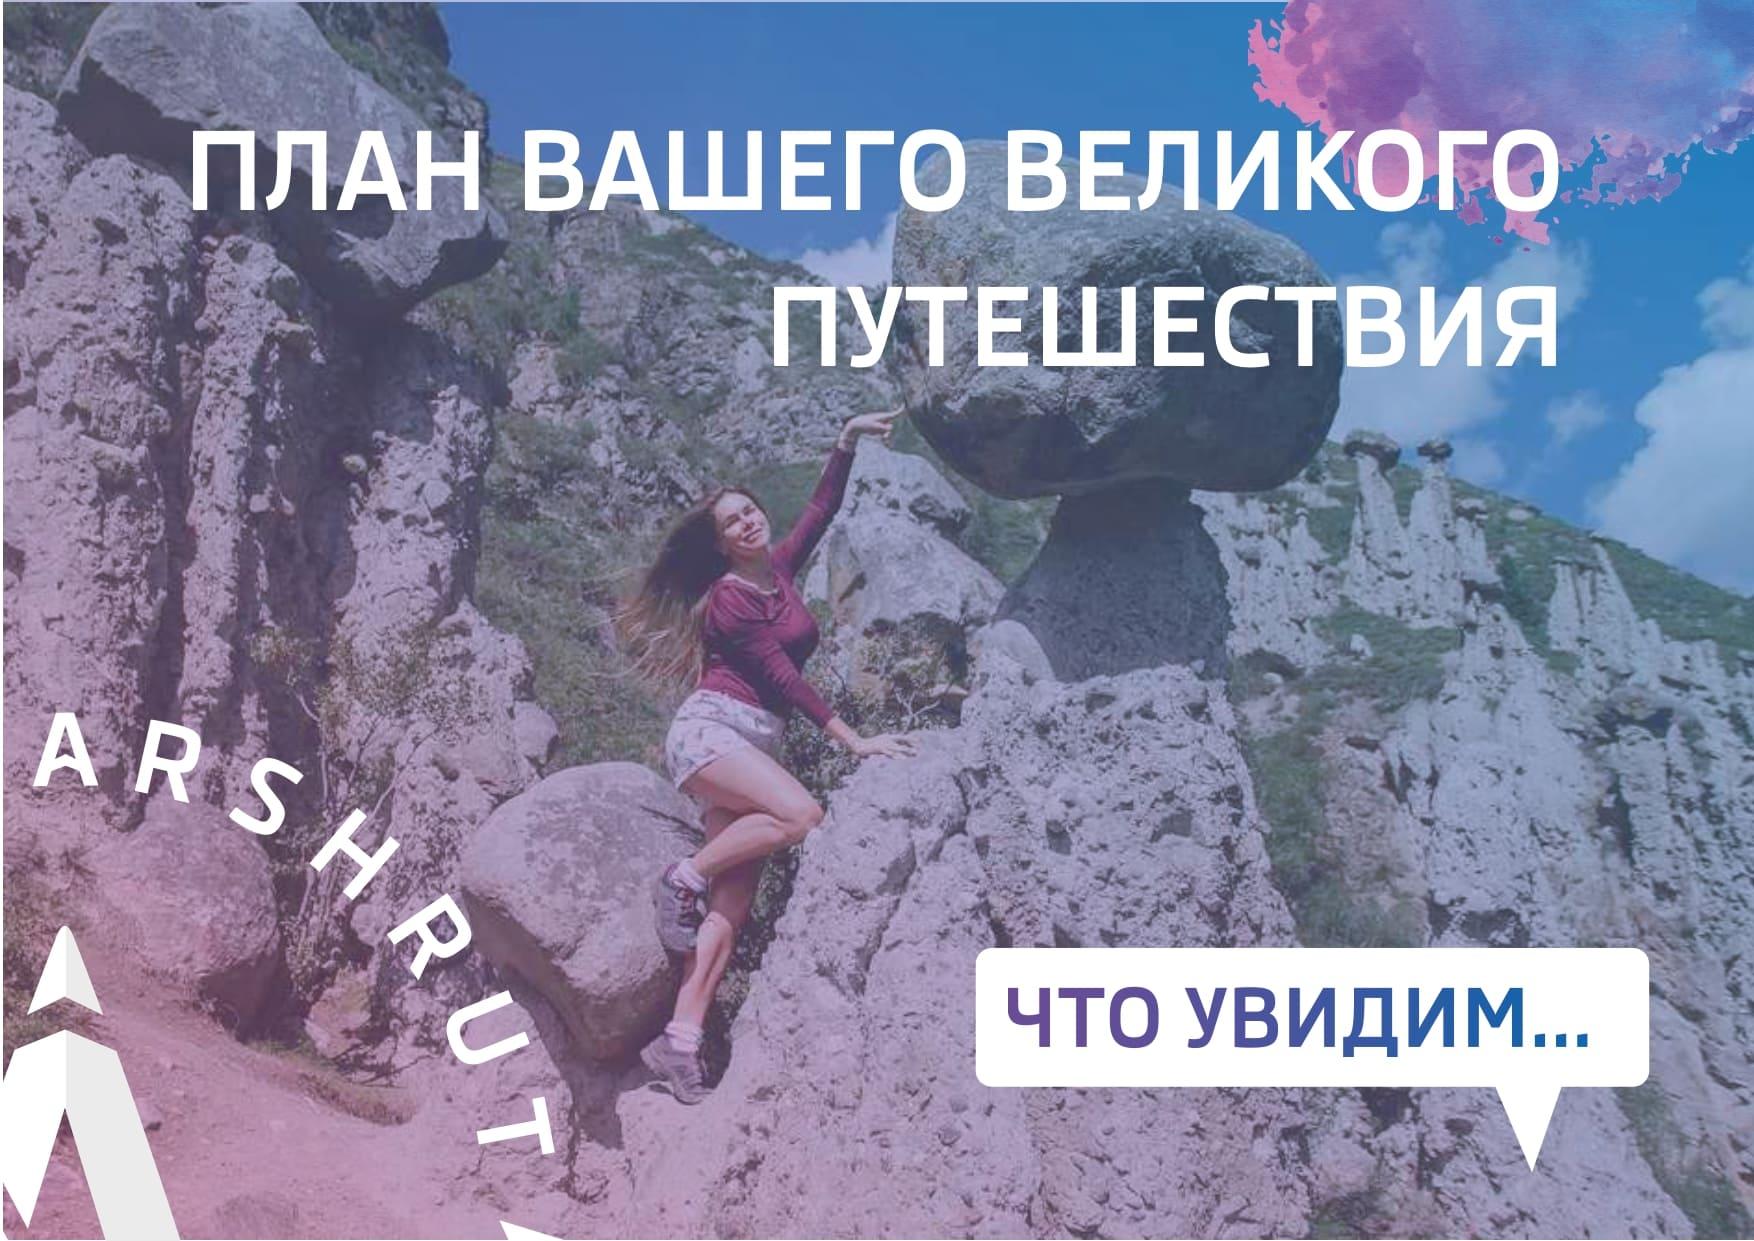 Весь Алтай 13 д_compressed (3)_page-0004